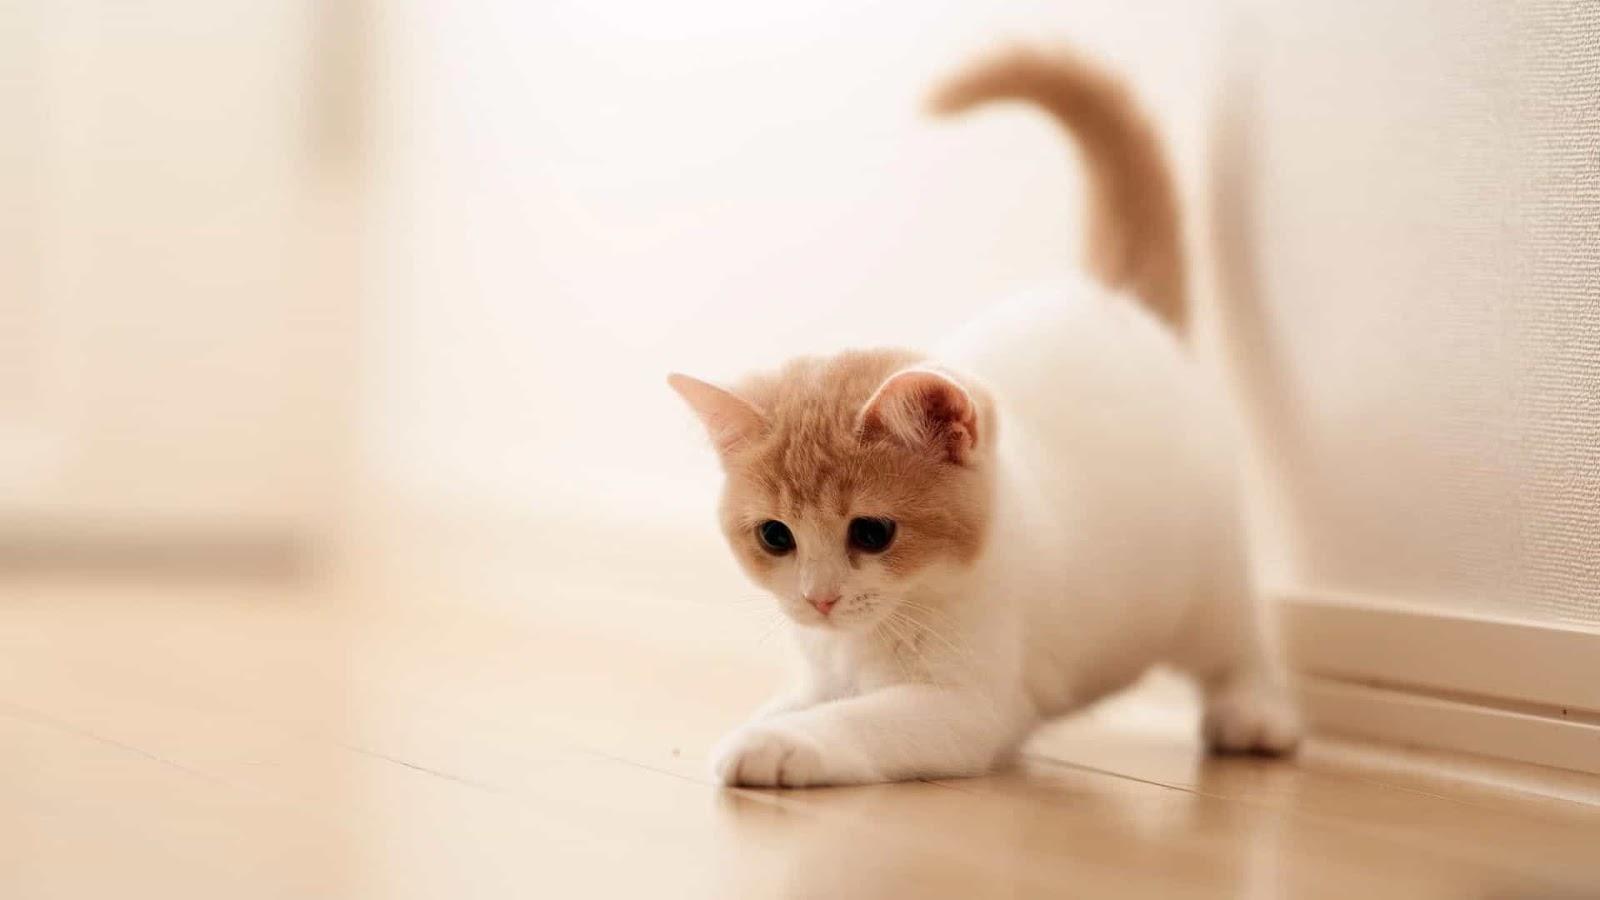 صور انواع قطط مختلفة ومعلومات عن حياة القطط 13